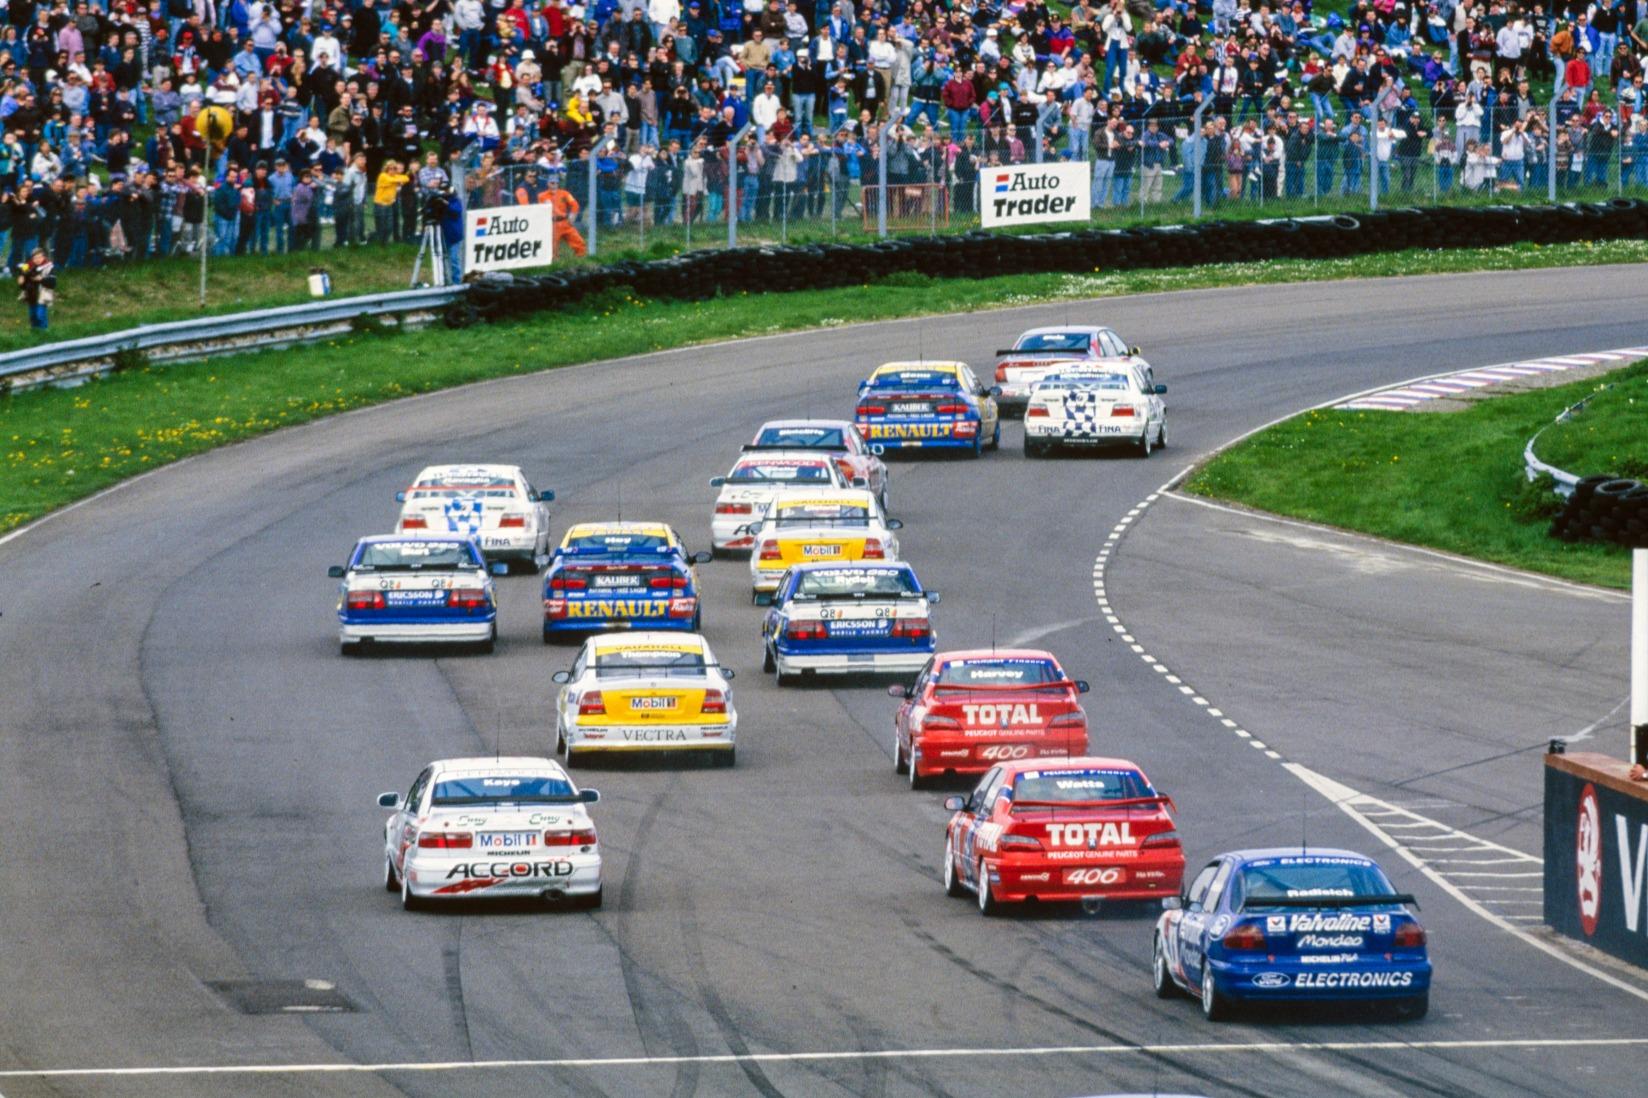 Paul Radisich brings up the rear as the BTCC field roars into Allard, Thruxton 1996